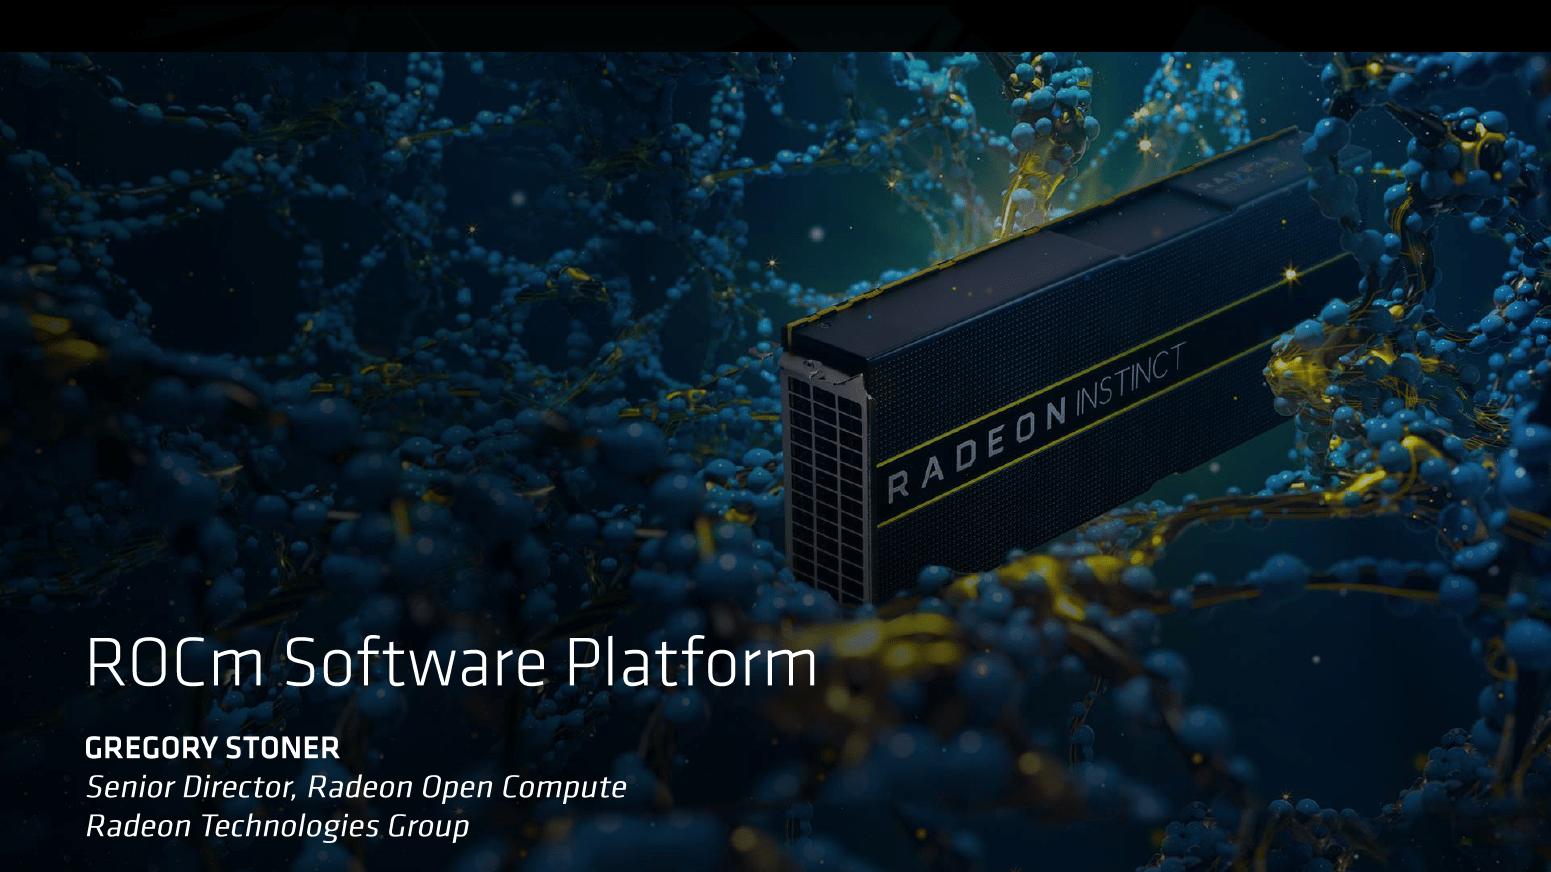 Die ROCm-Softwareplattform